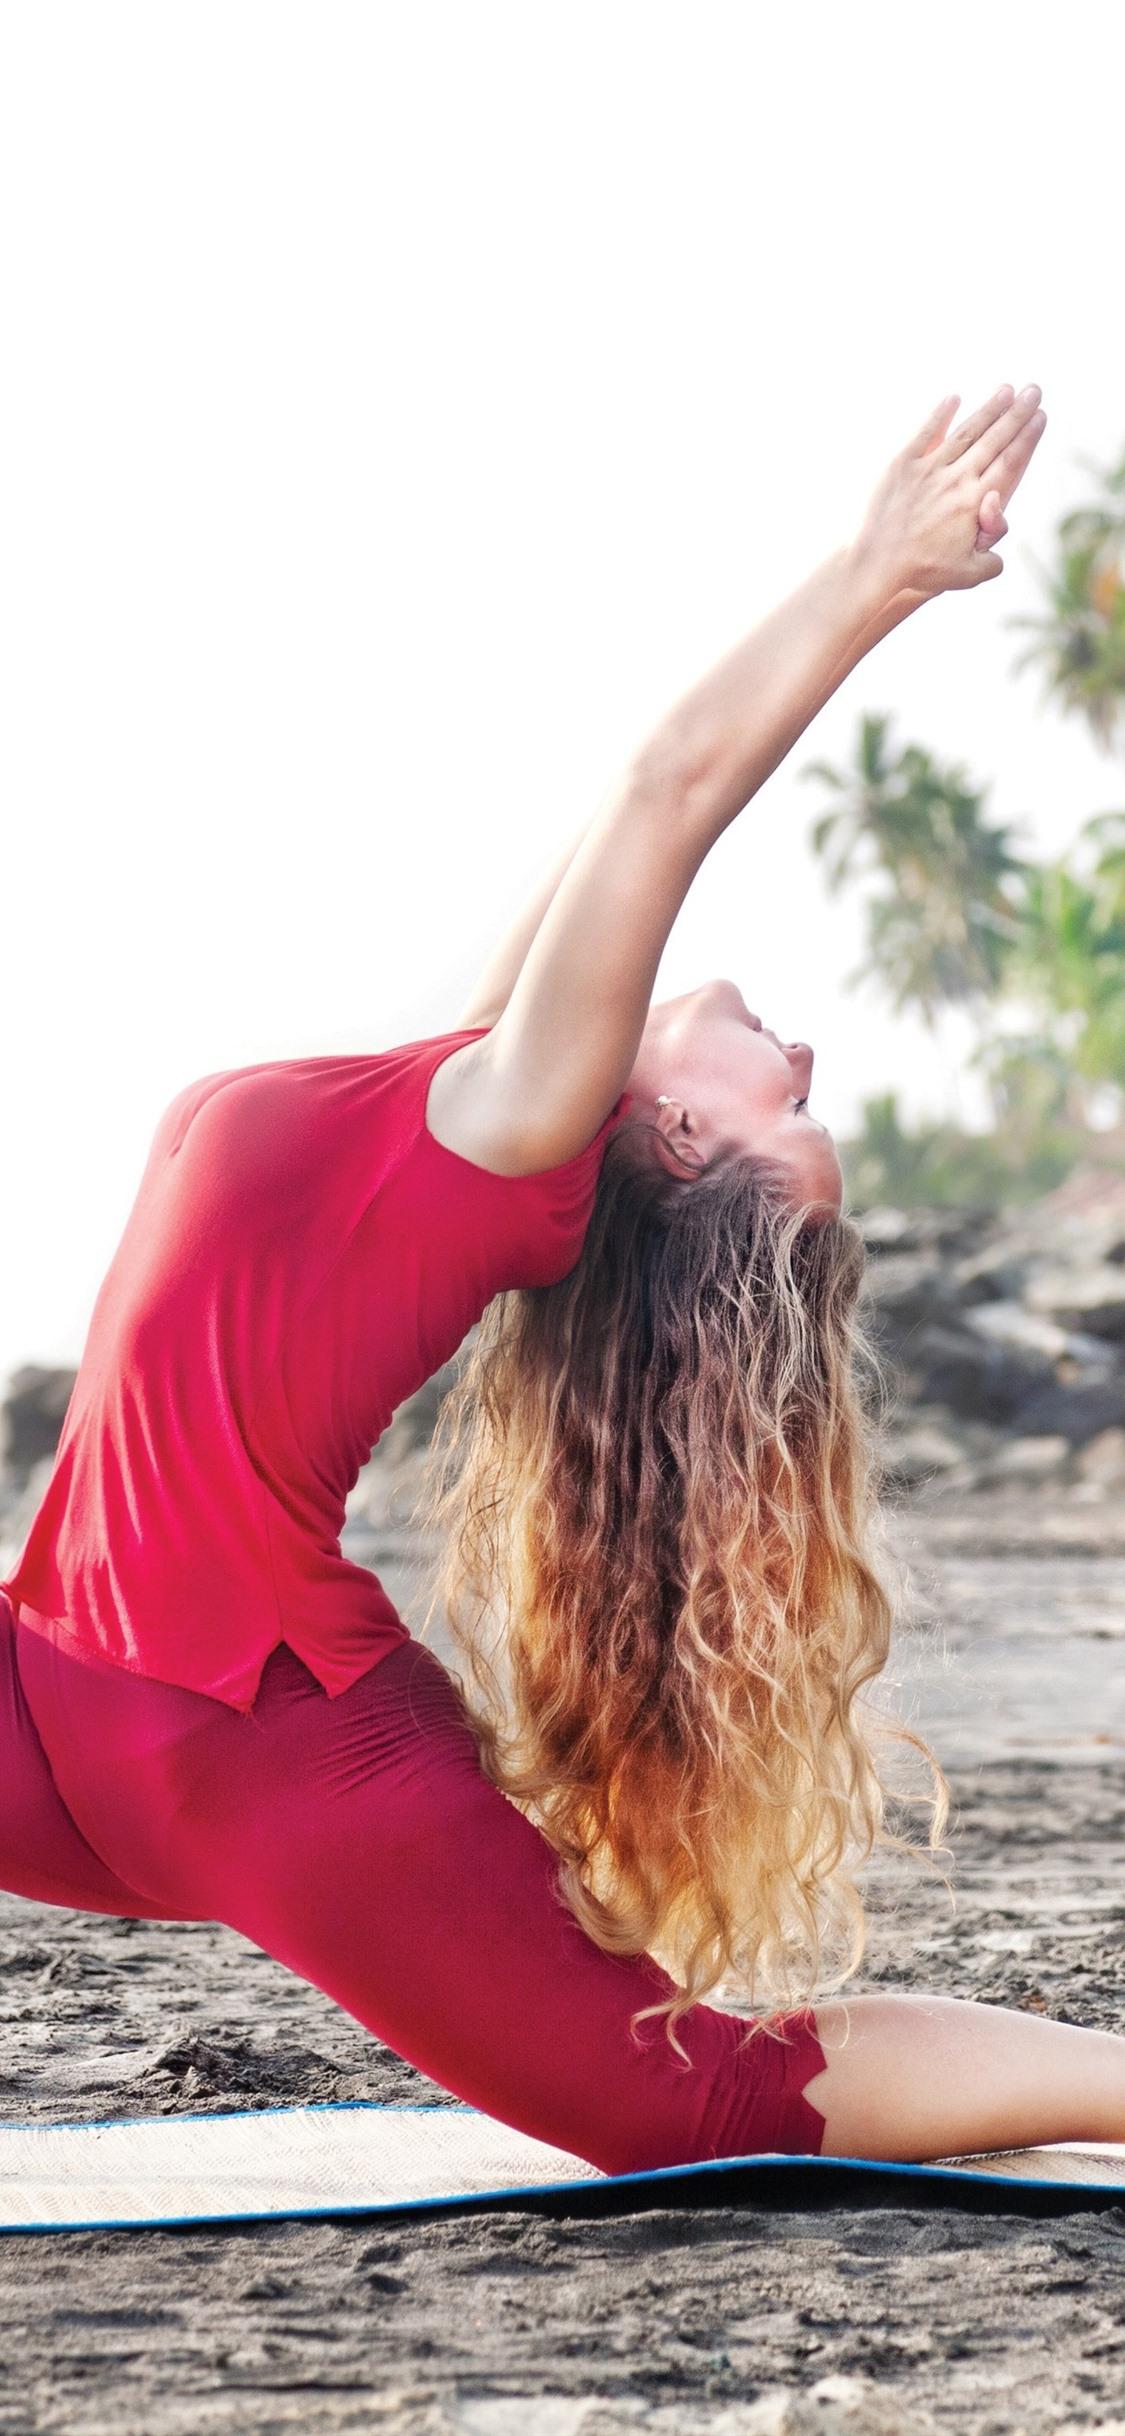 踊っている女の子 ヨガ ビーチ ポーズ 1125x2436 Iphone 11 Pro Xs X 壁紙 背景 画像